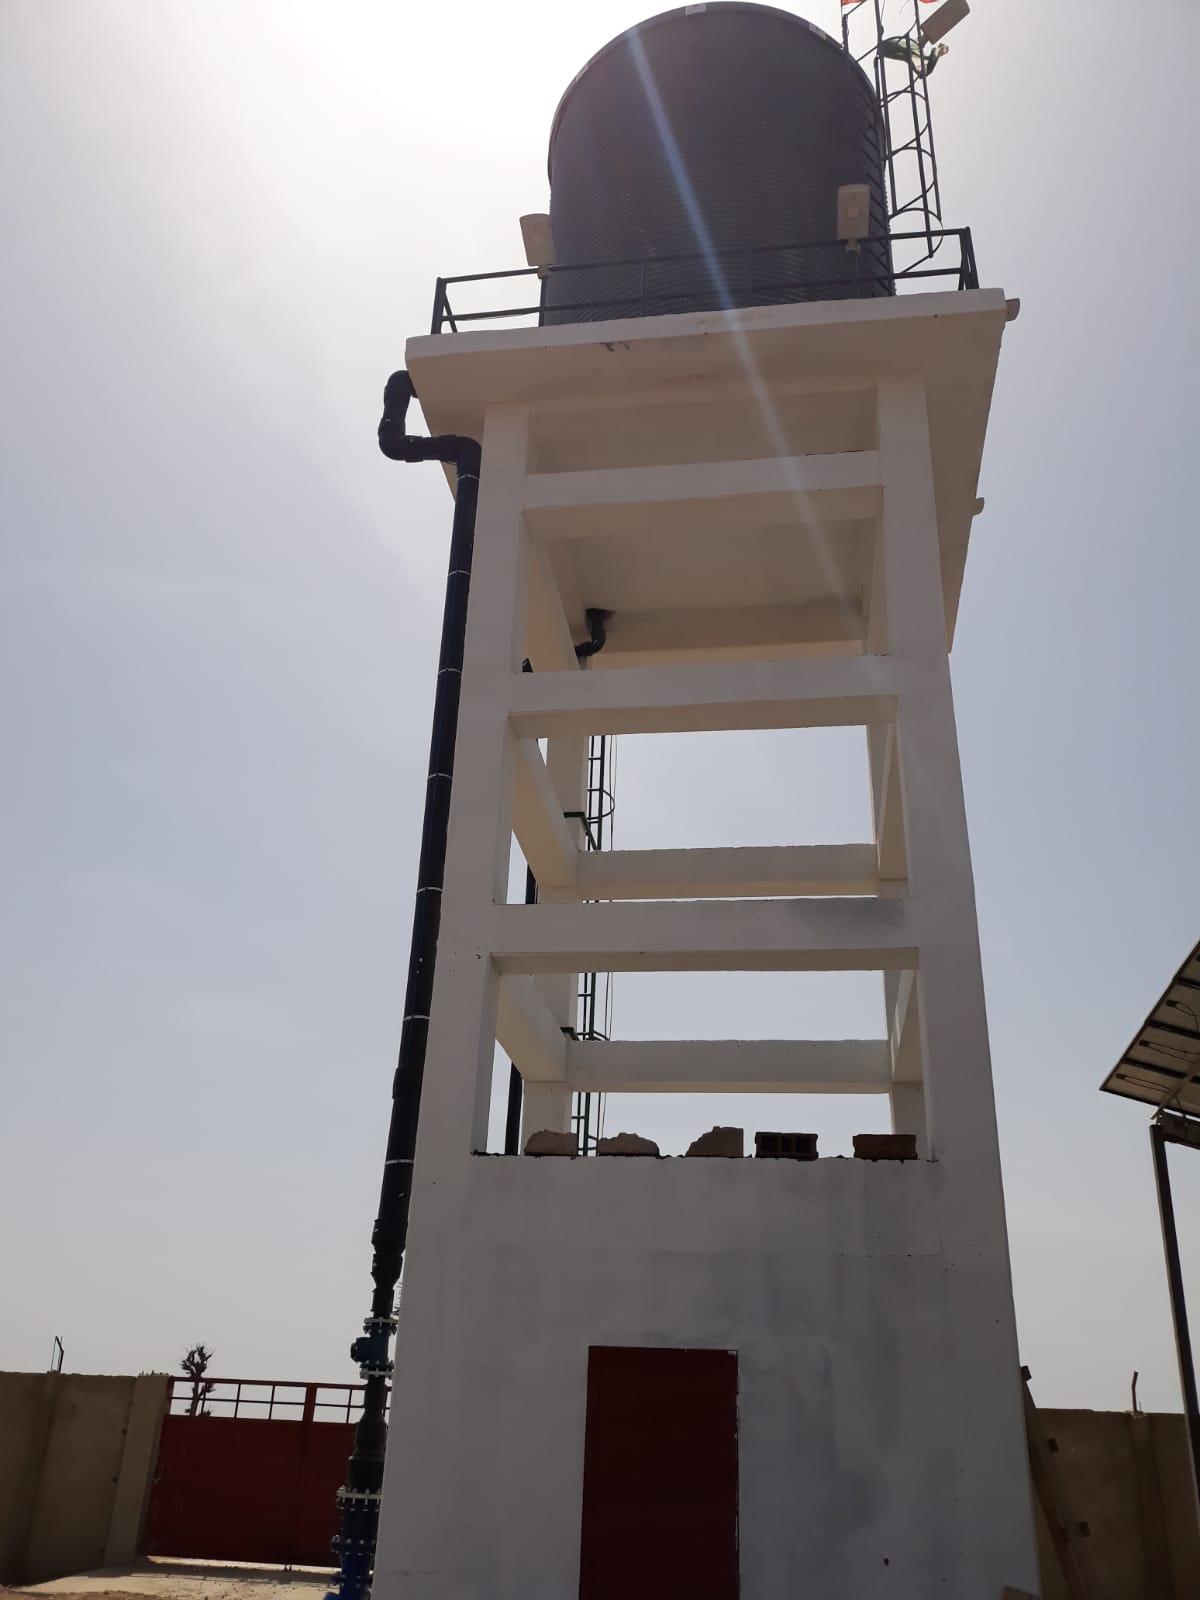 Proyecto llave en mano de riego para un centro de formación Agrícola en Senegal